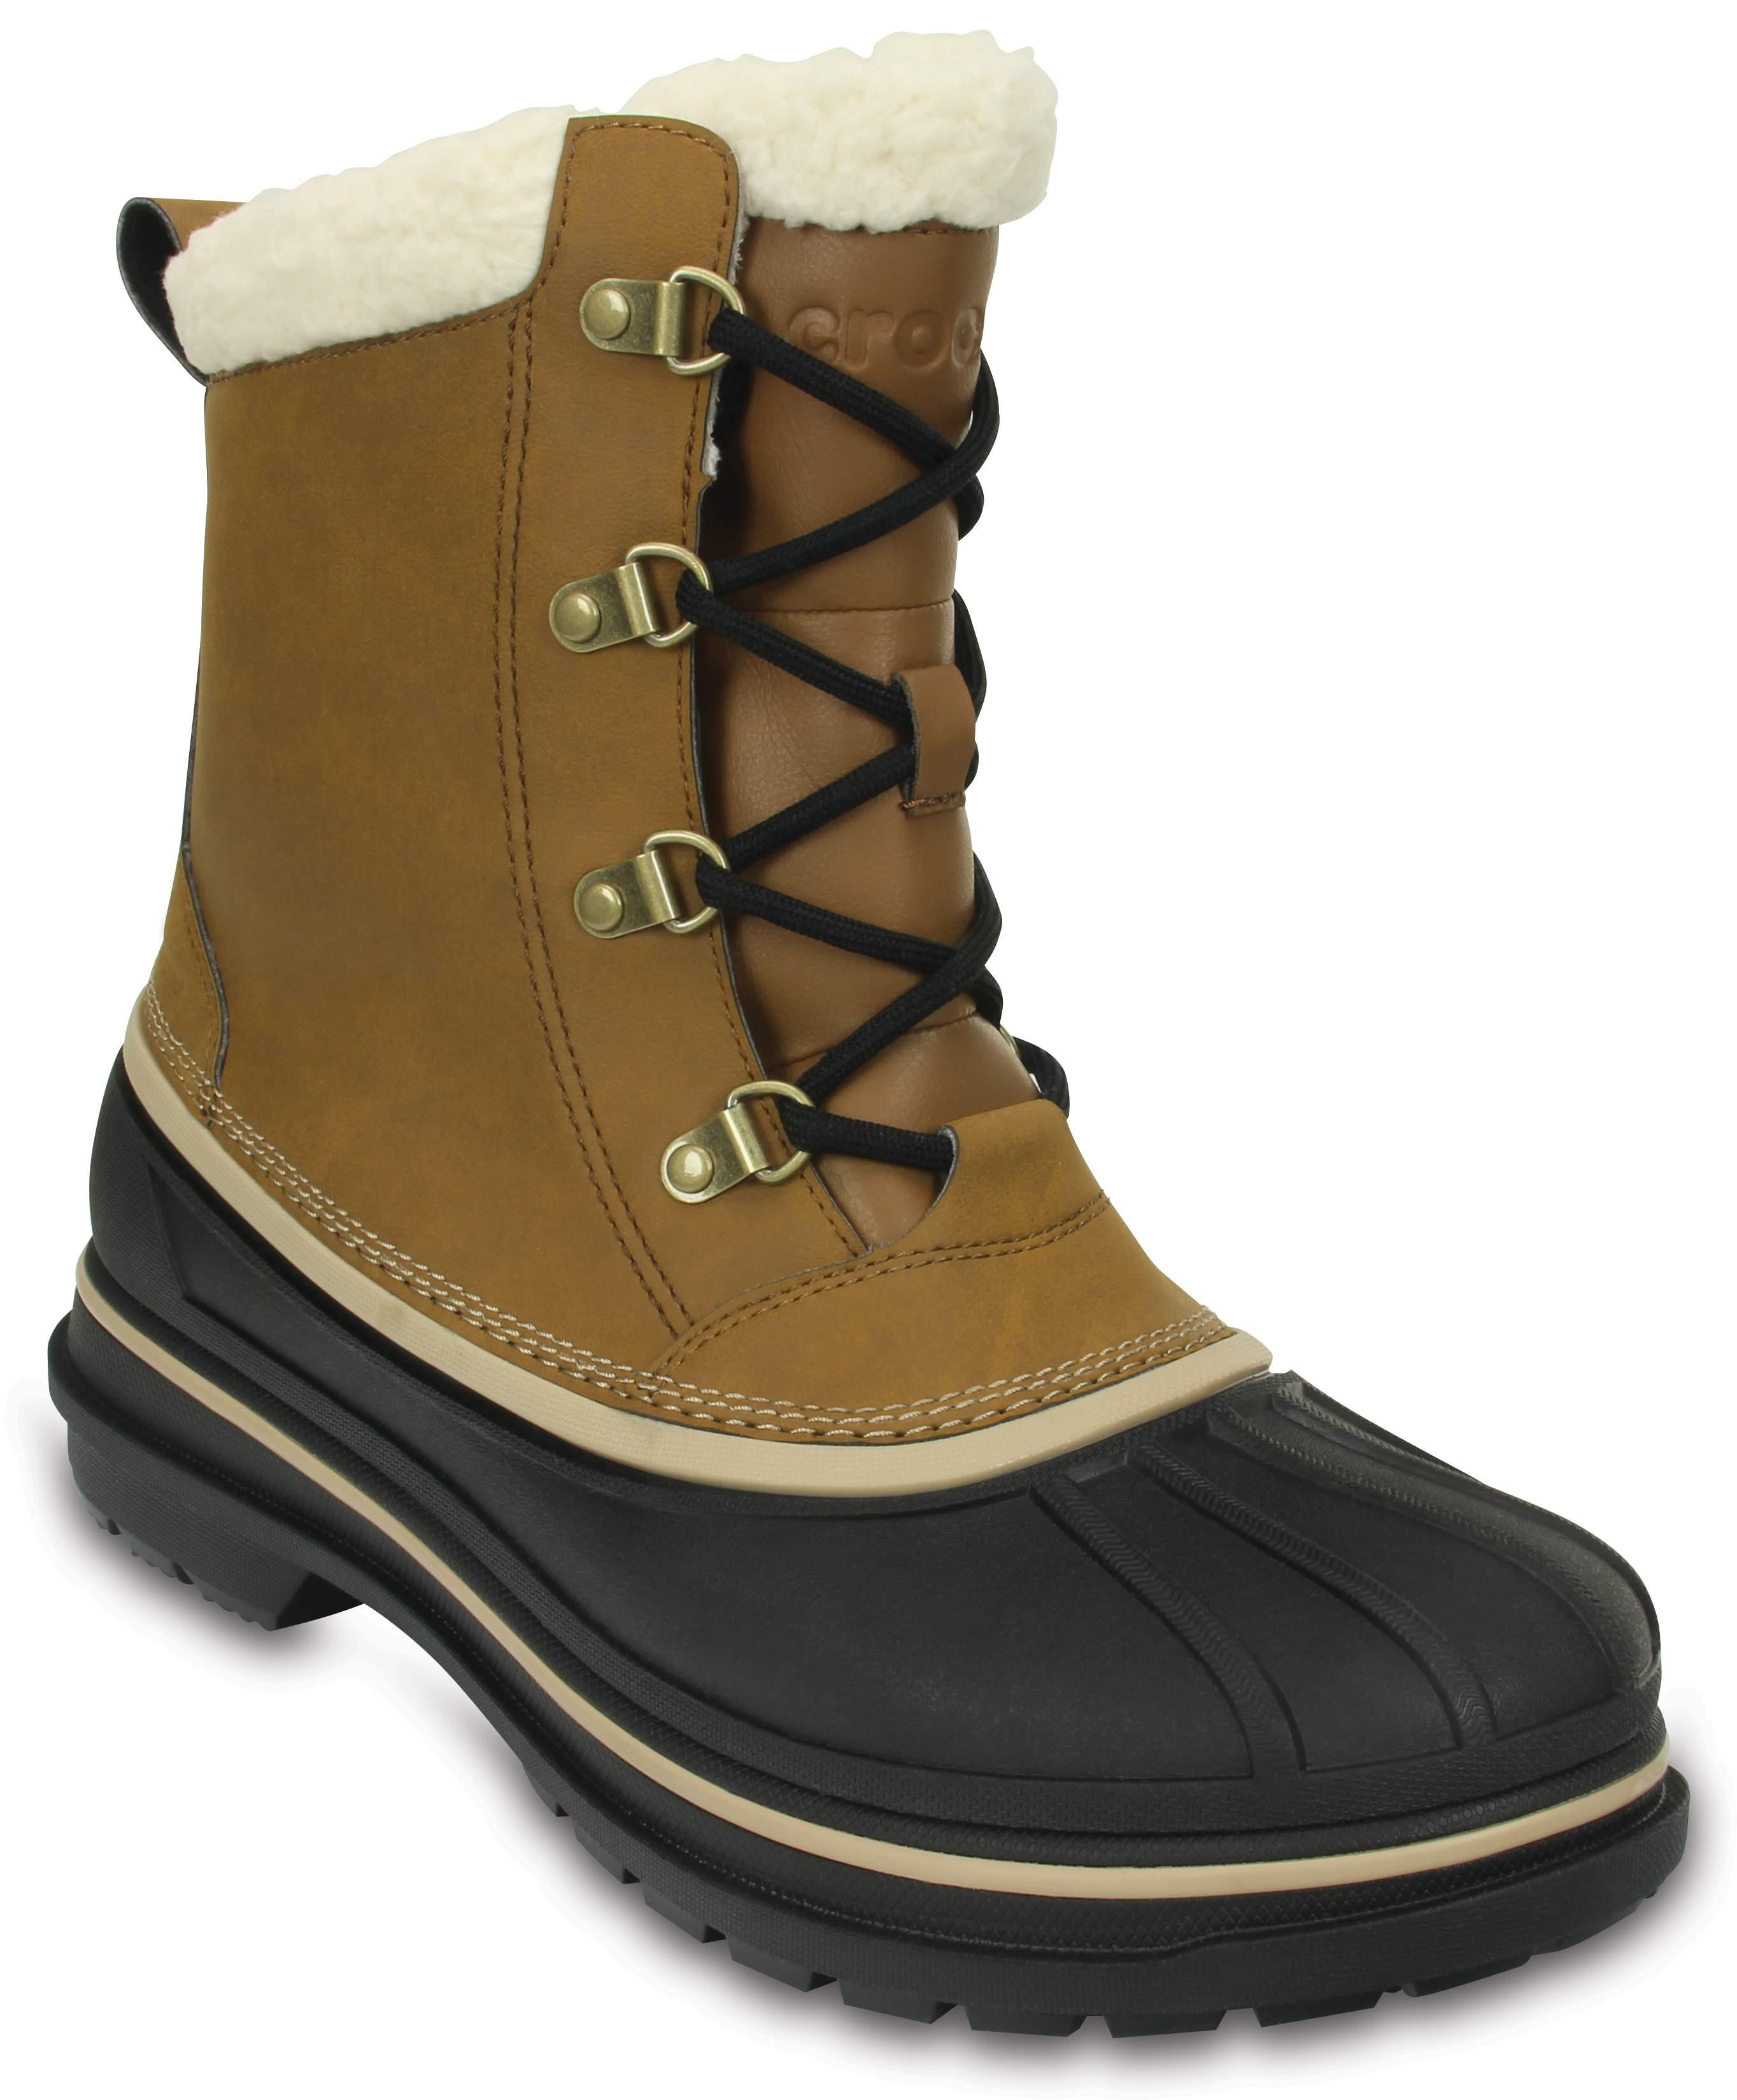 AllCast II Boot Crocs